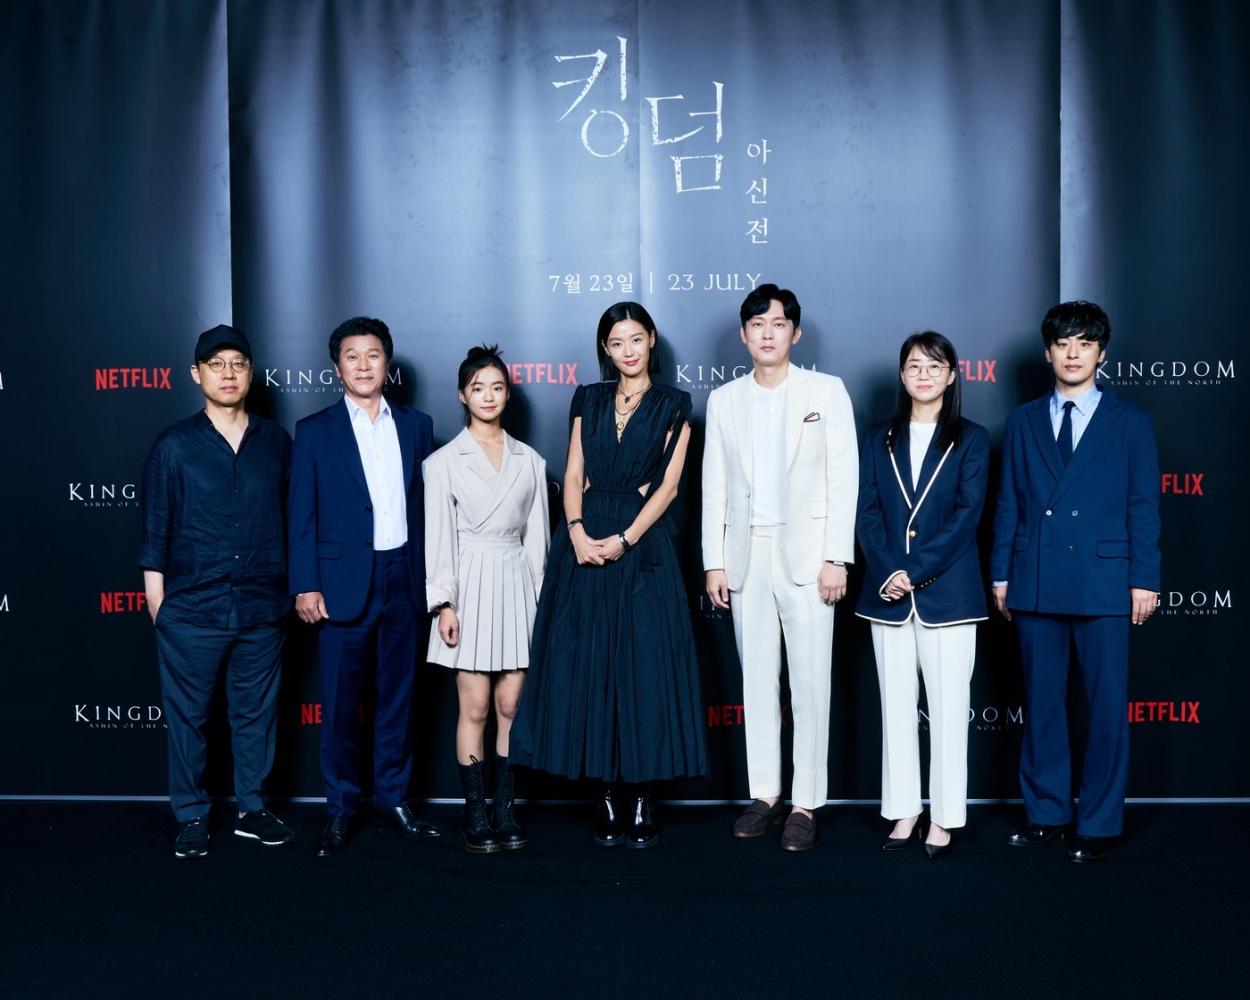 Vương Triều Xác Sống buổi ra mắt phim